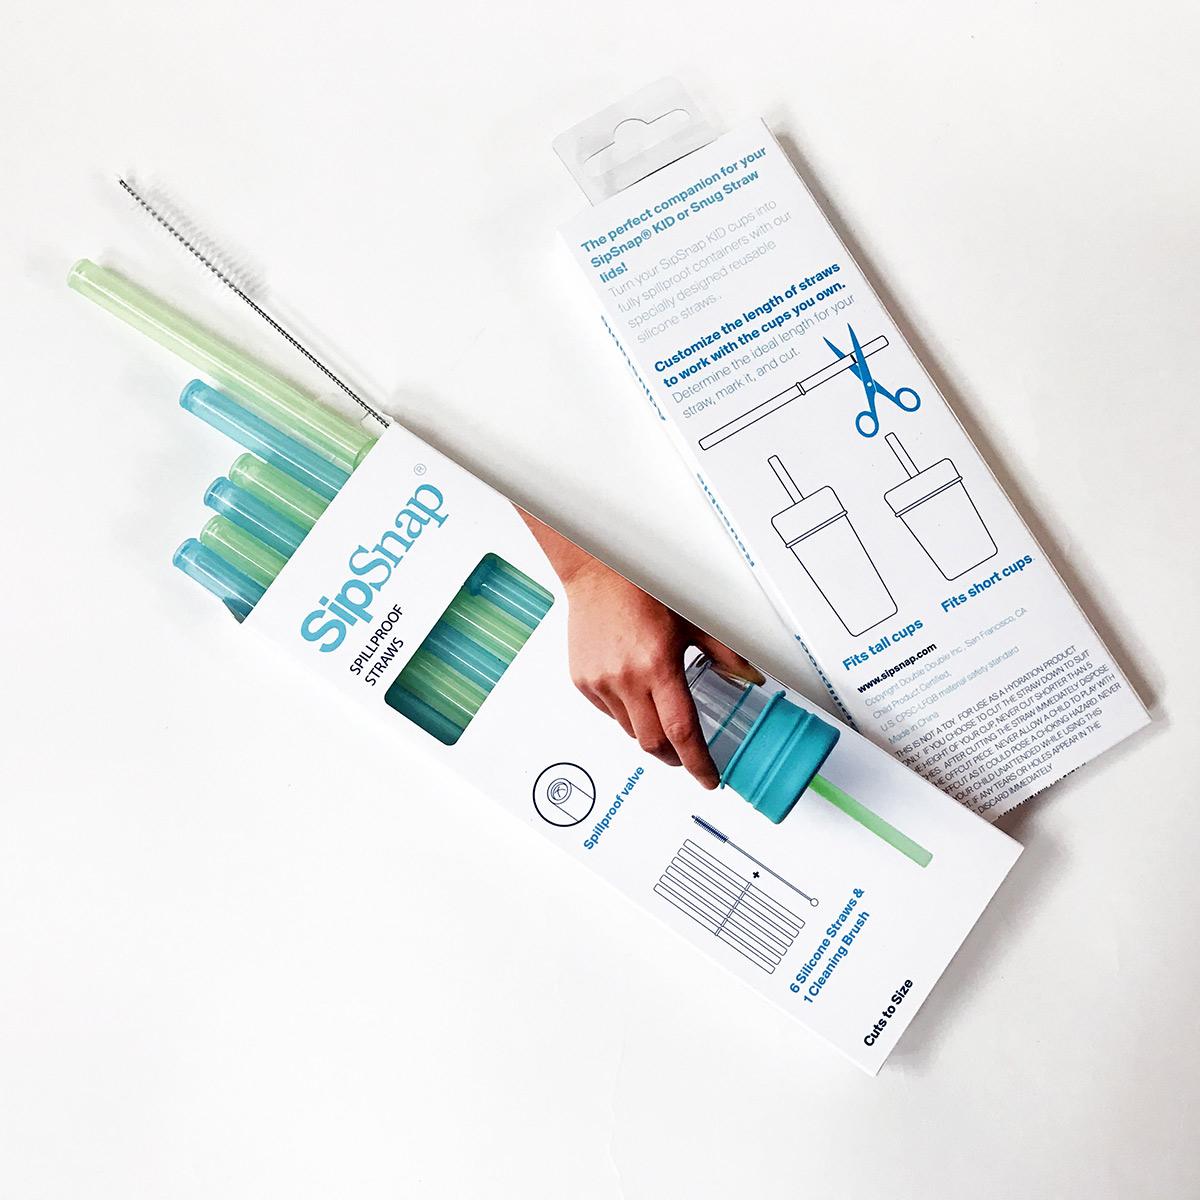 SipSnap läckagesäkert sugrör av livsmedelsgodkänd silikon 6-pack